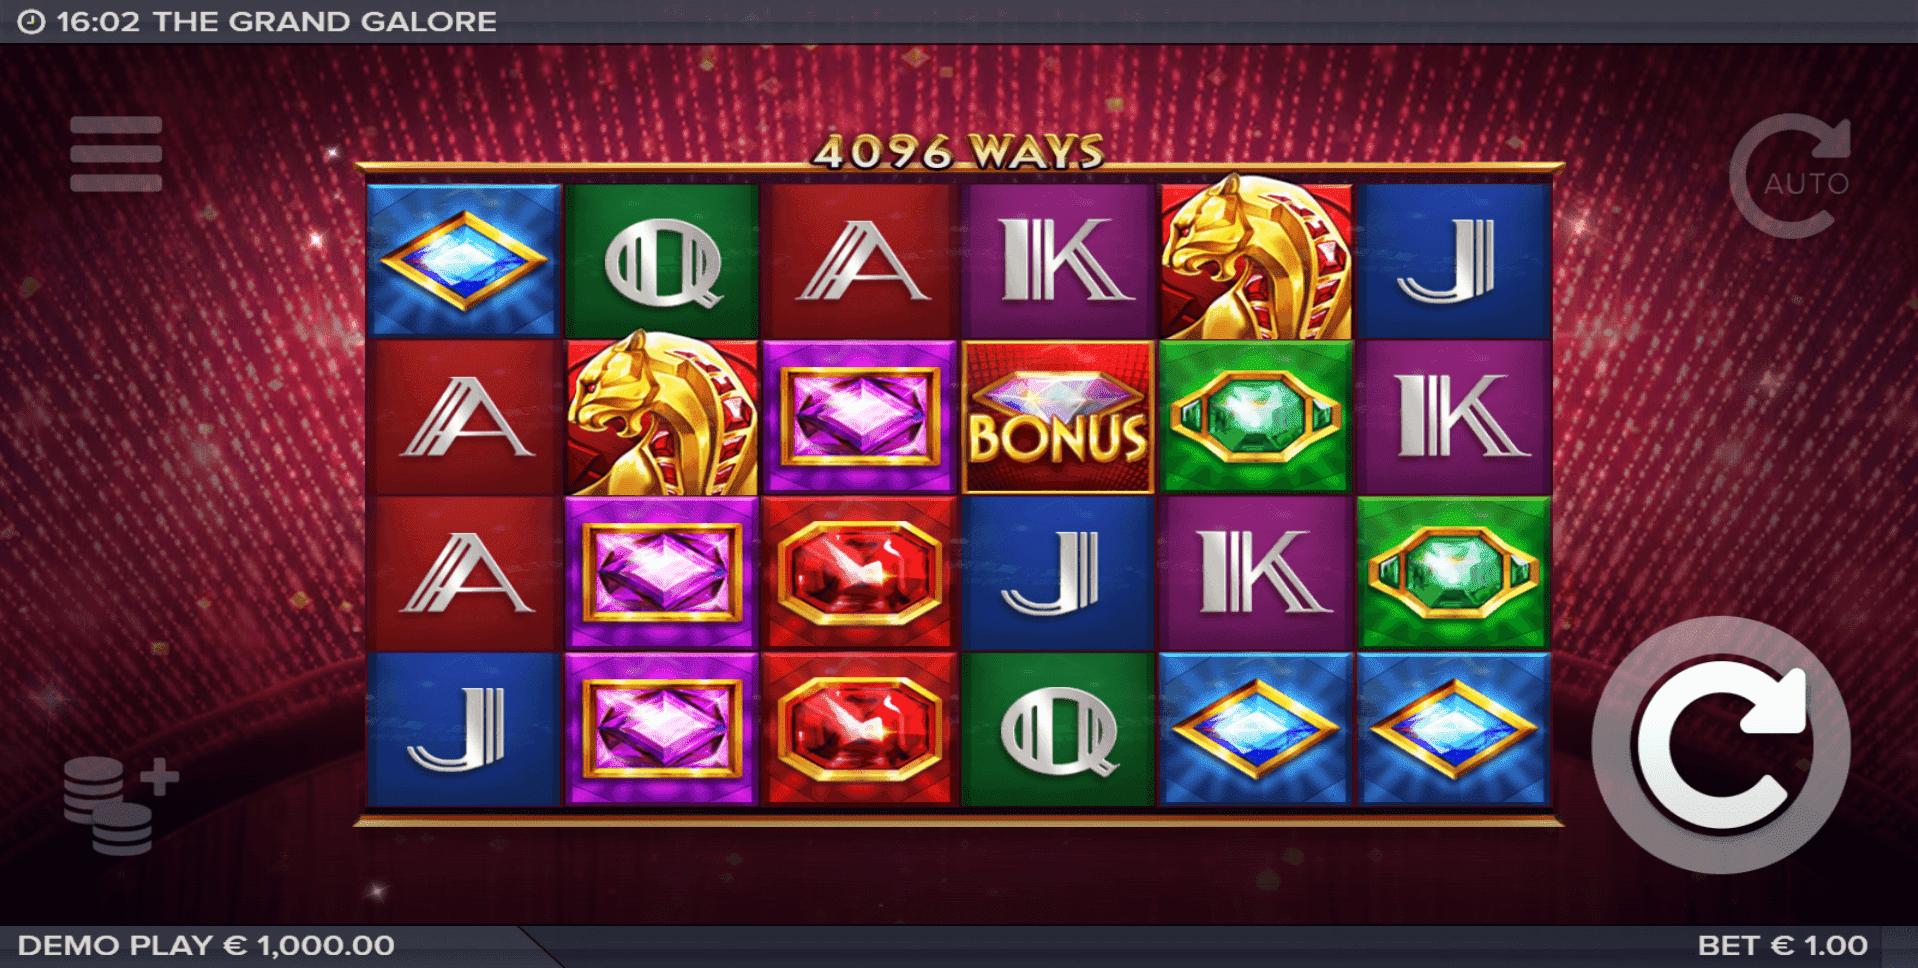 Grand Galore slot machine screenshot